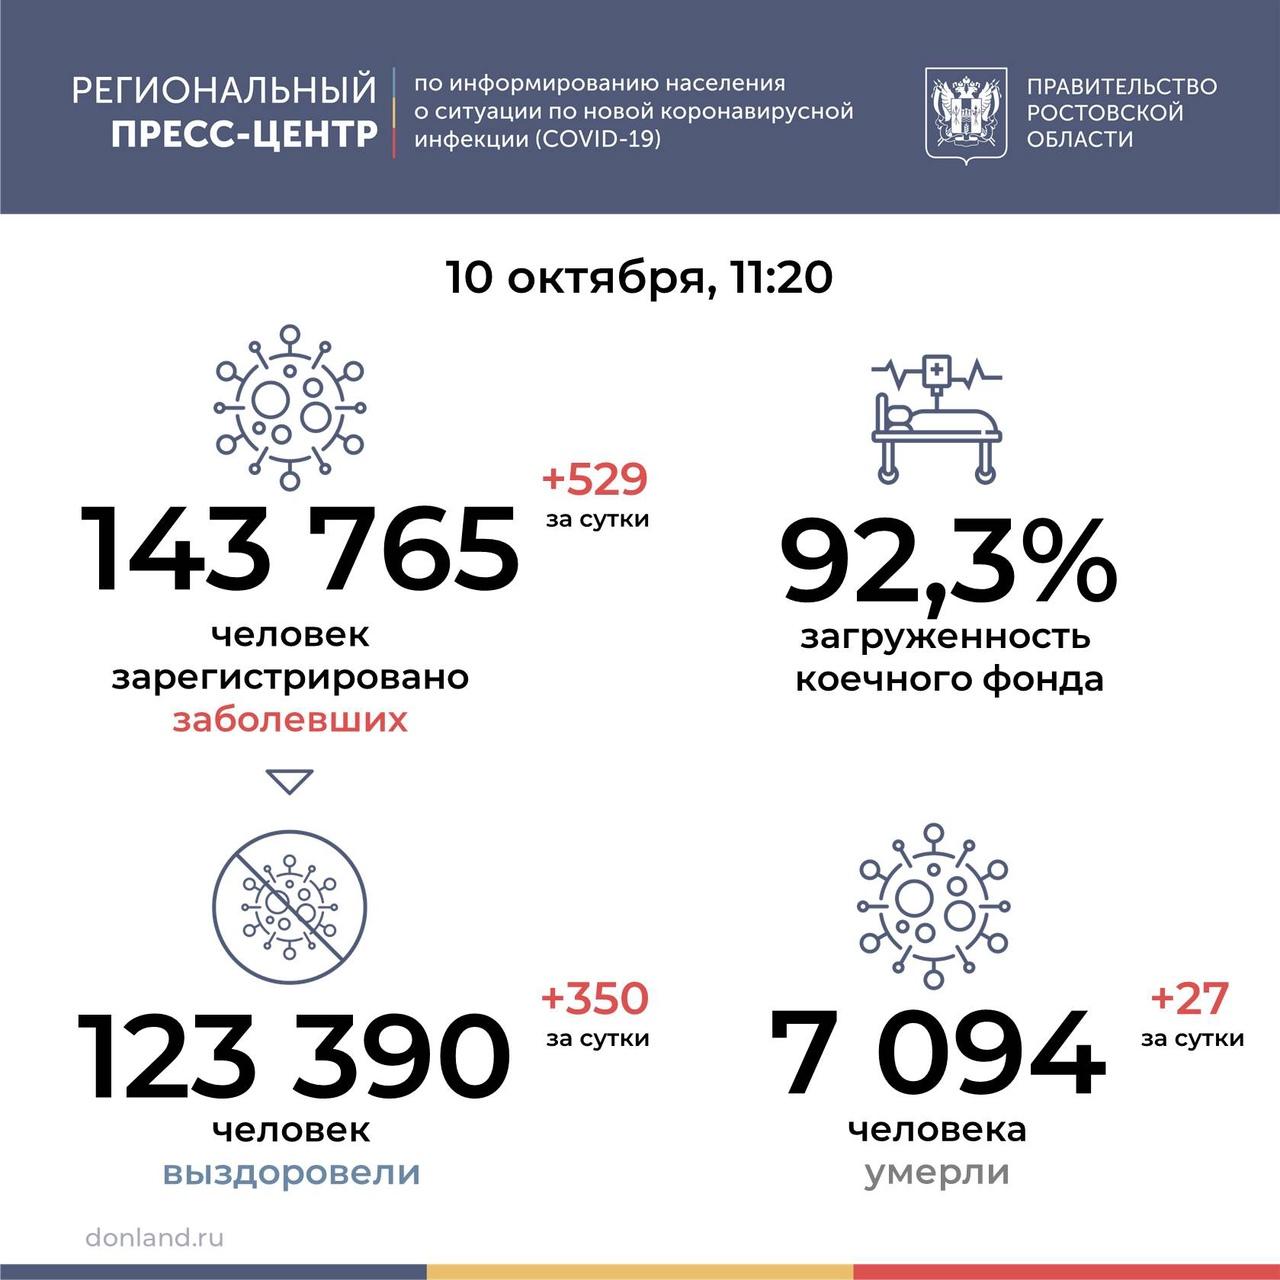 На Дону от COVID-19 умерли 27 человек